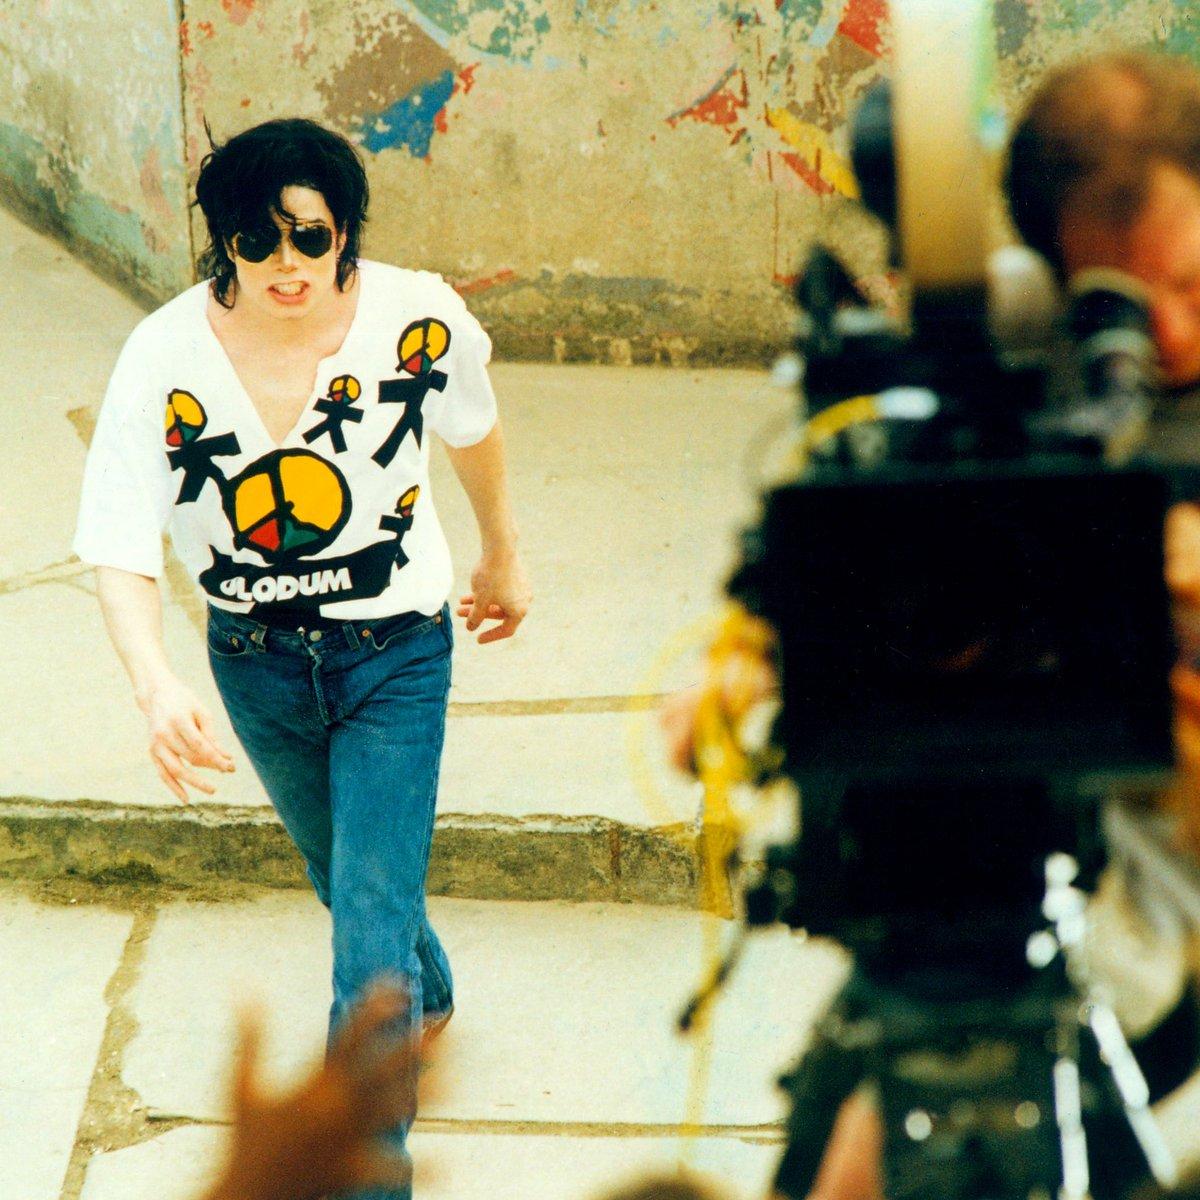 Morto há 10 anos, imagem de Michael Jackson segue em disputa